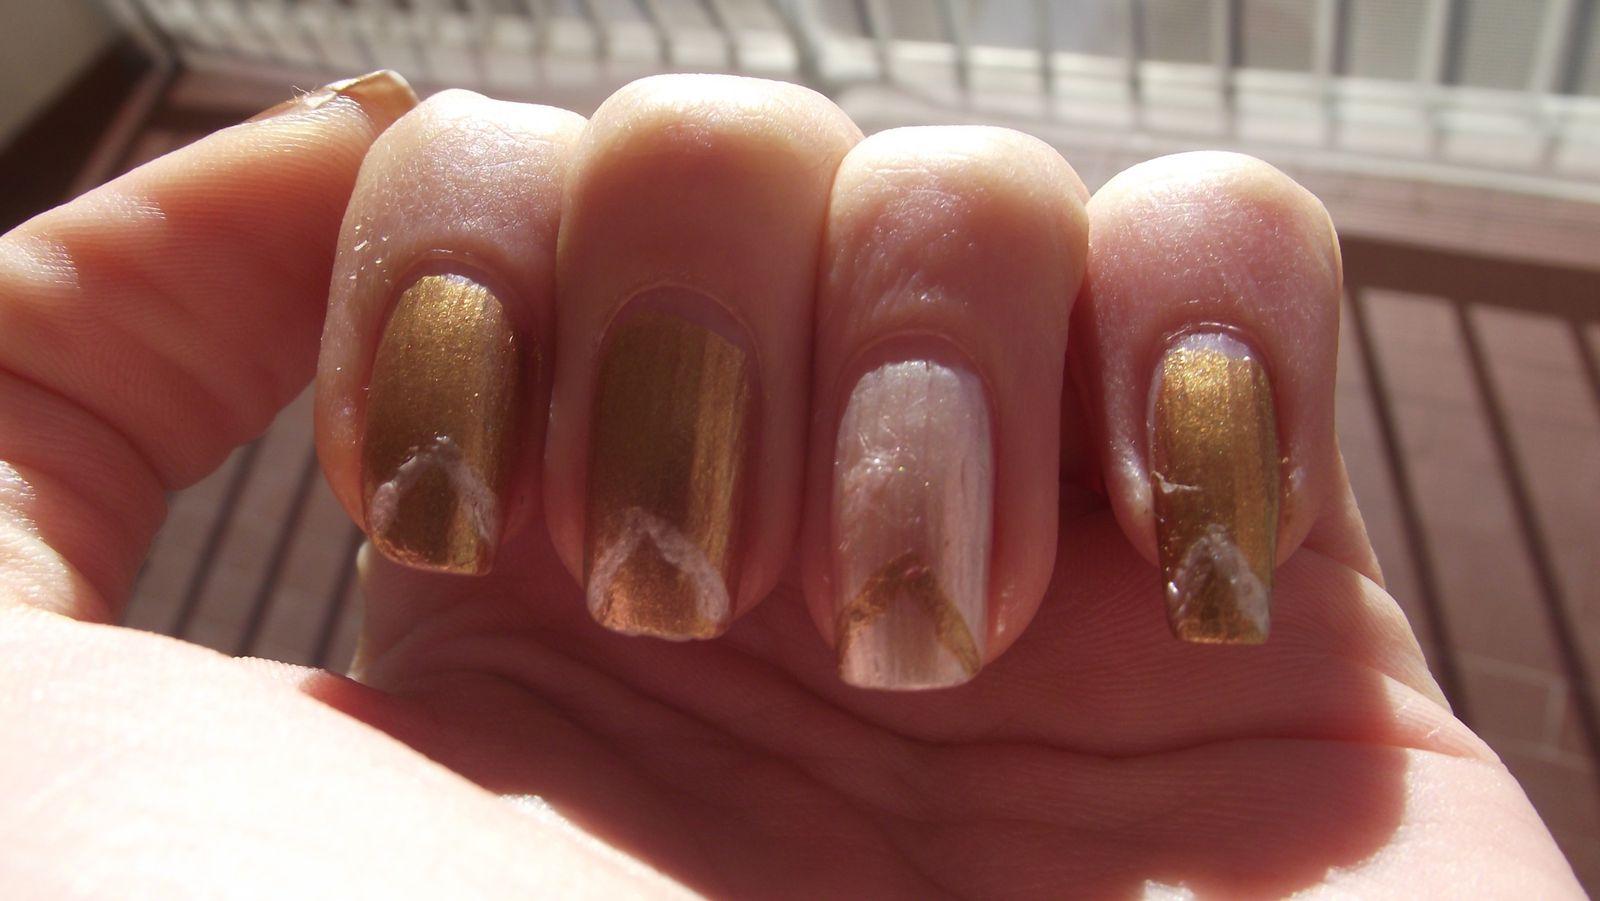 On peut voir sur la seconde photo que l'ongle de mon petit doigts s'est casé